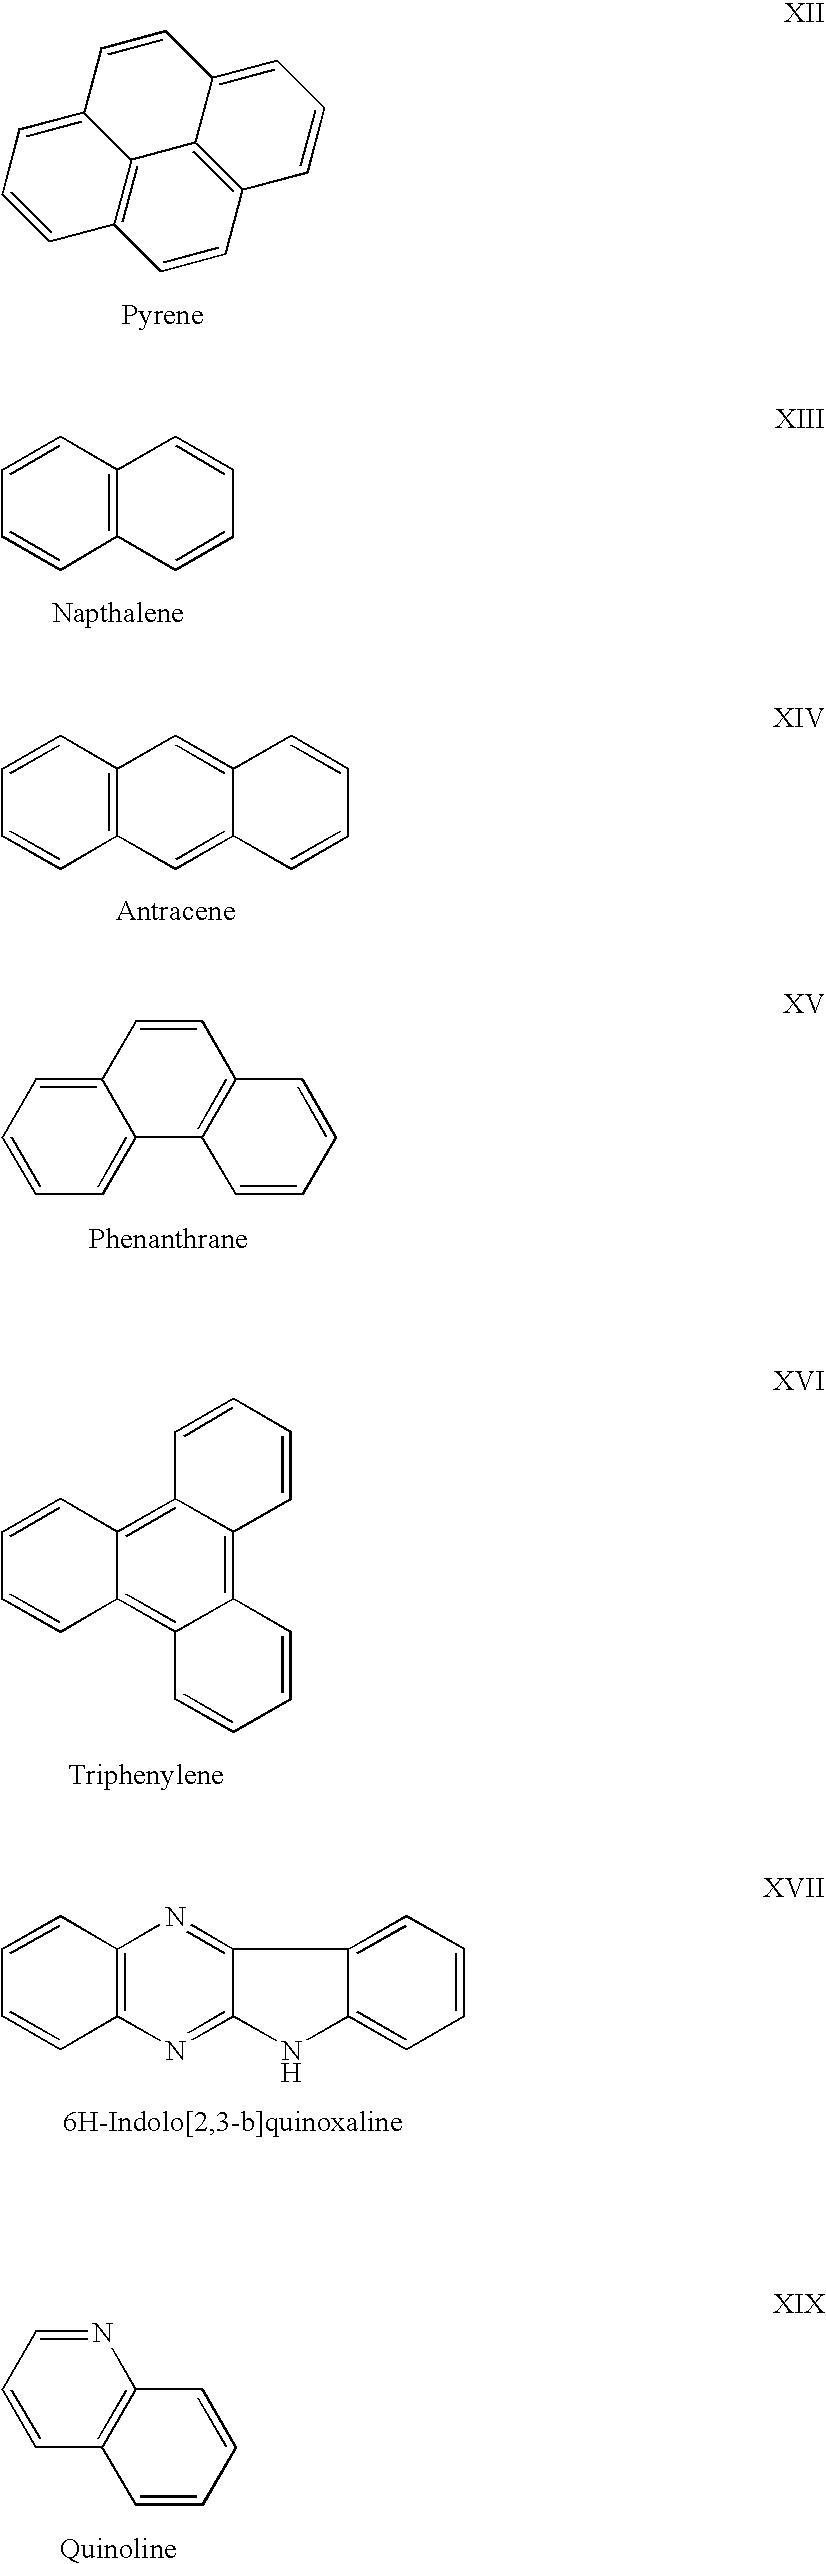 Figure US20060014144A1-20060119-C00066